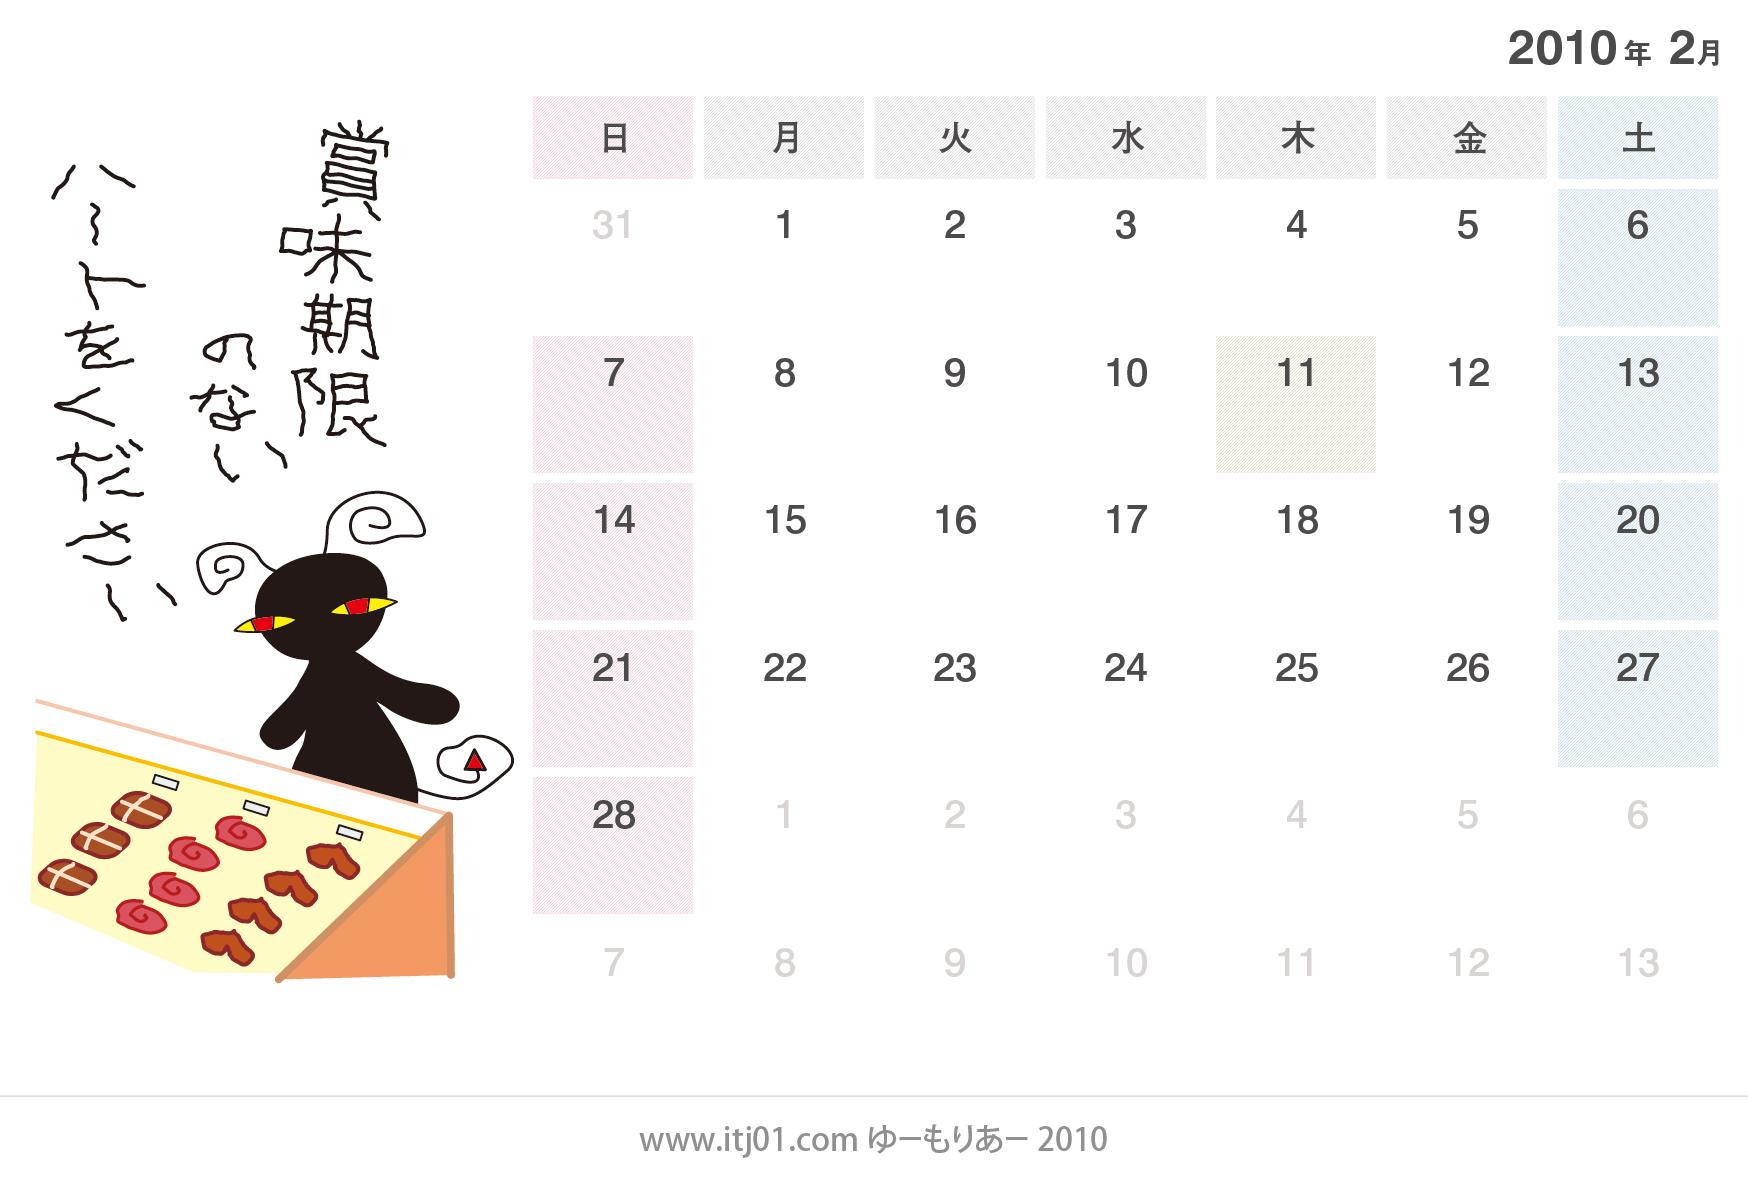 卓上カレンダーのイラスト ... : 卓上カレンダー無料配布 : カレンダー